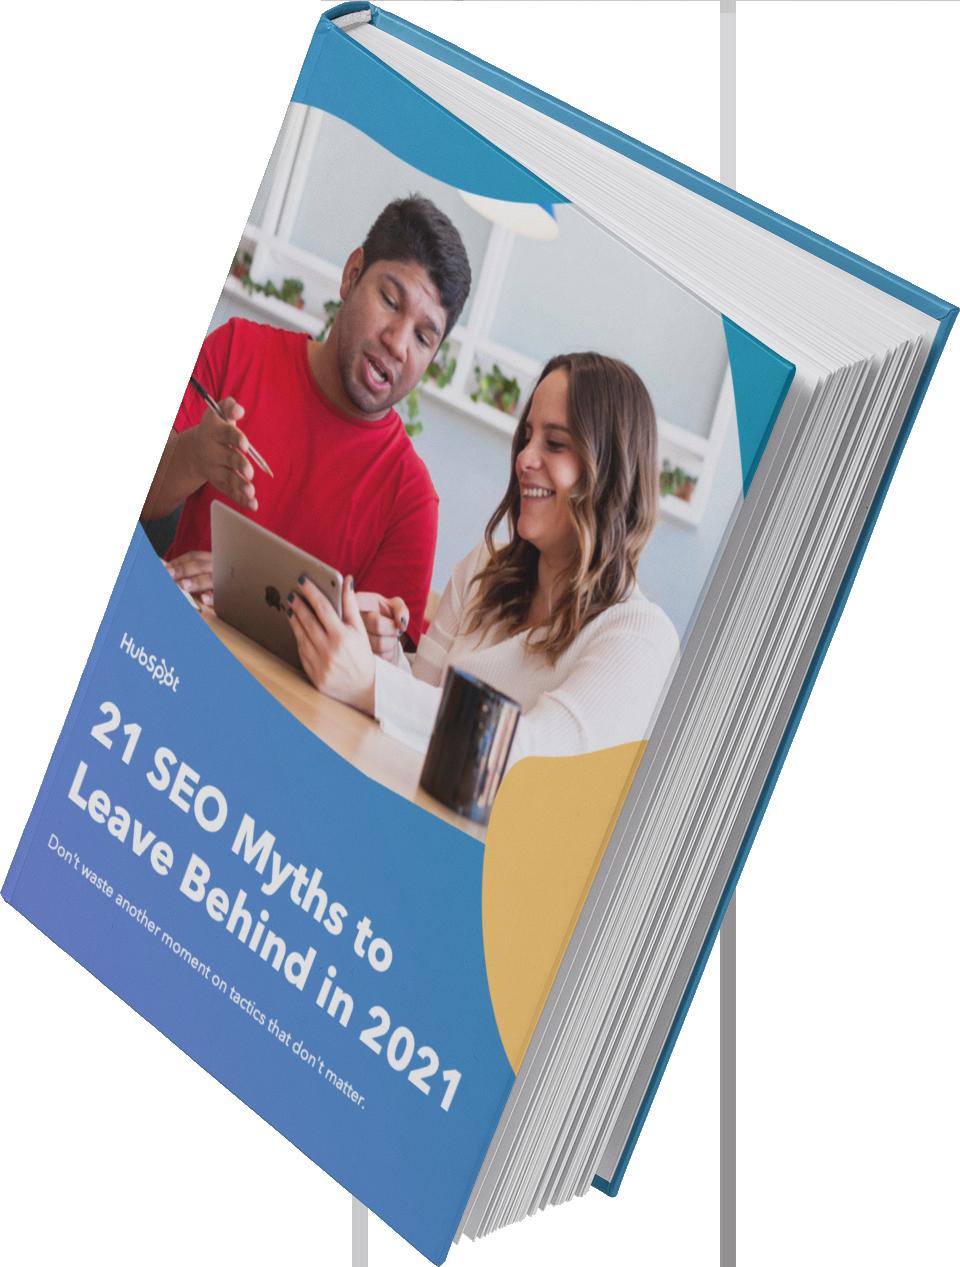 2021 SEO Myths cover